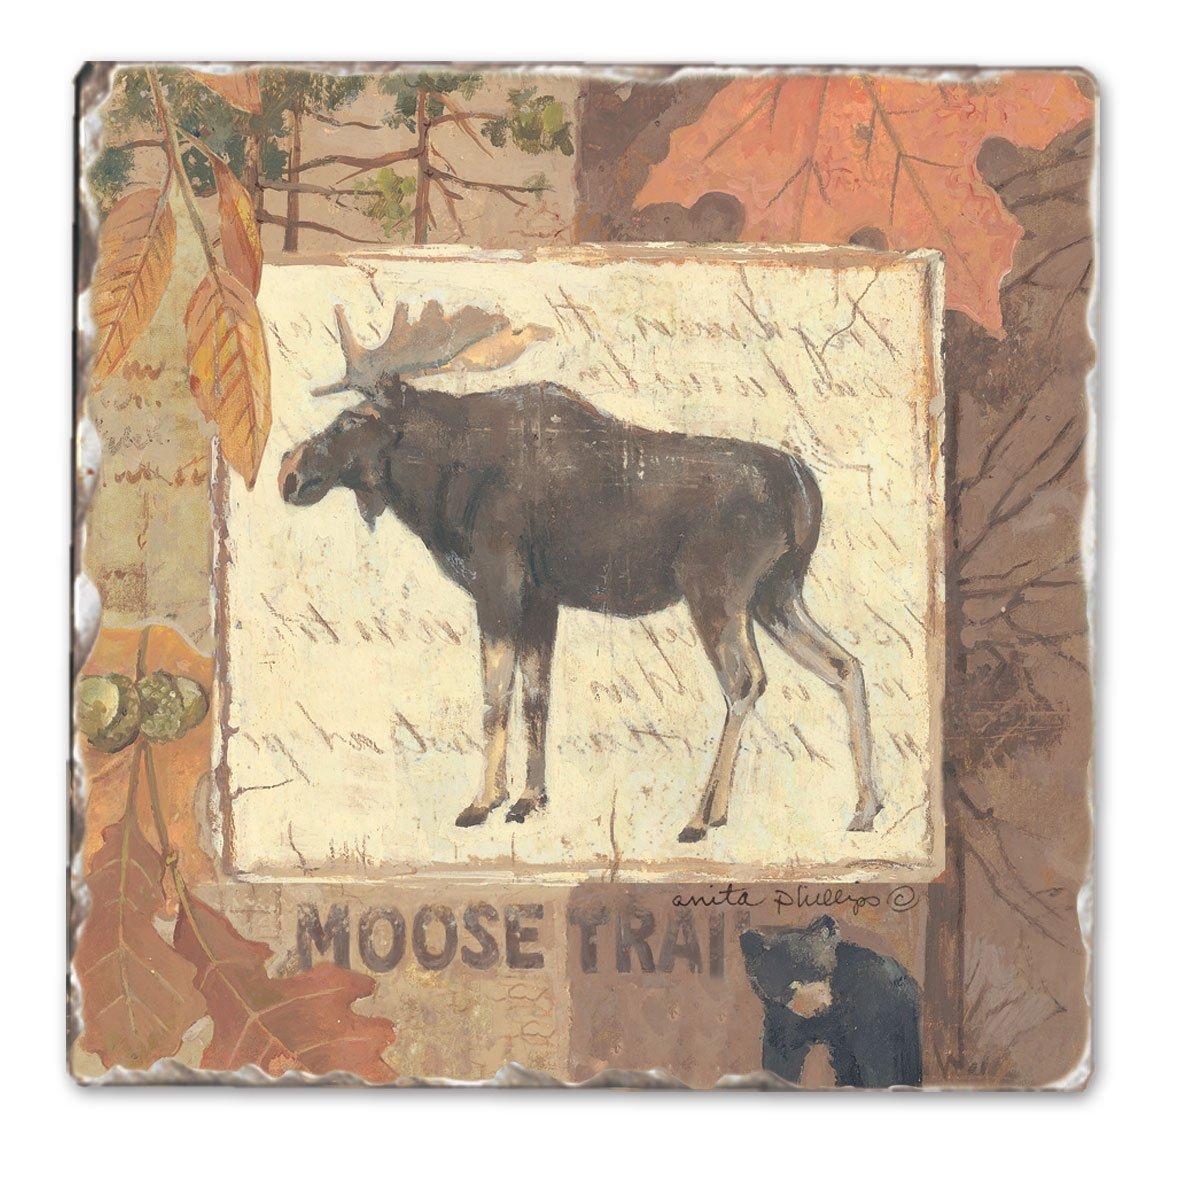 sconti e altro Moose Tracks Single Tumbled Tile Coaster Coaster Coaster  a buon mercato